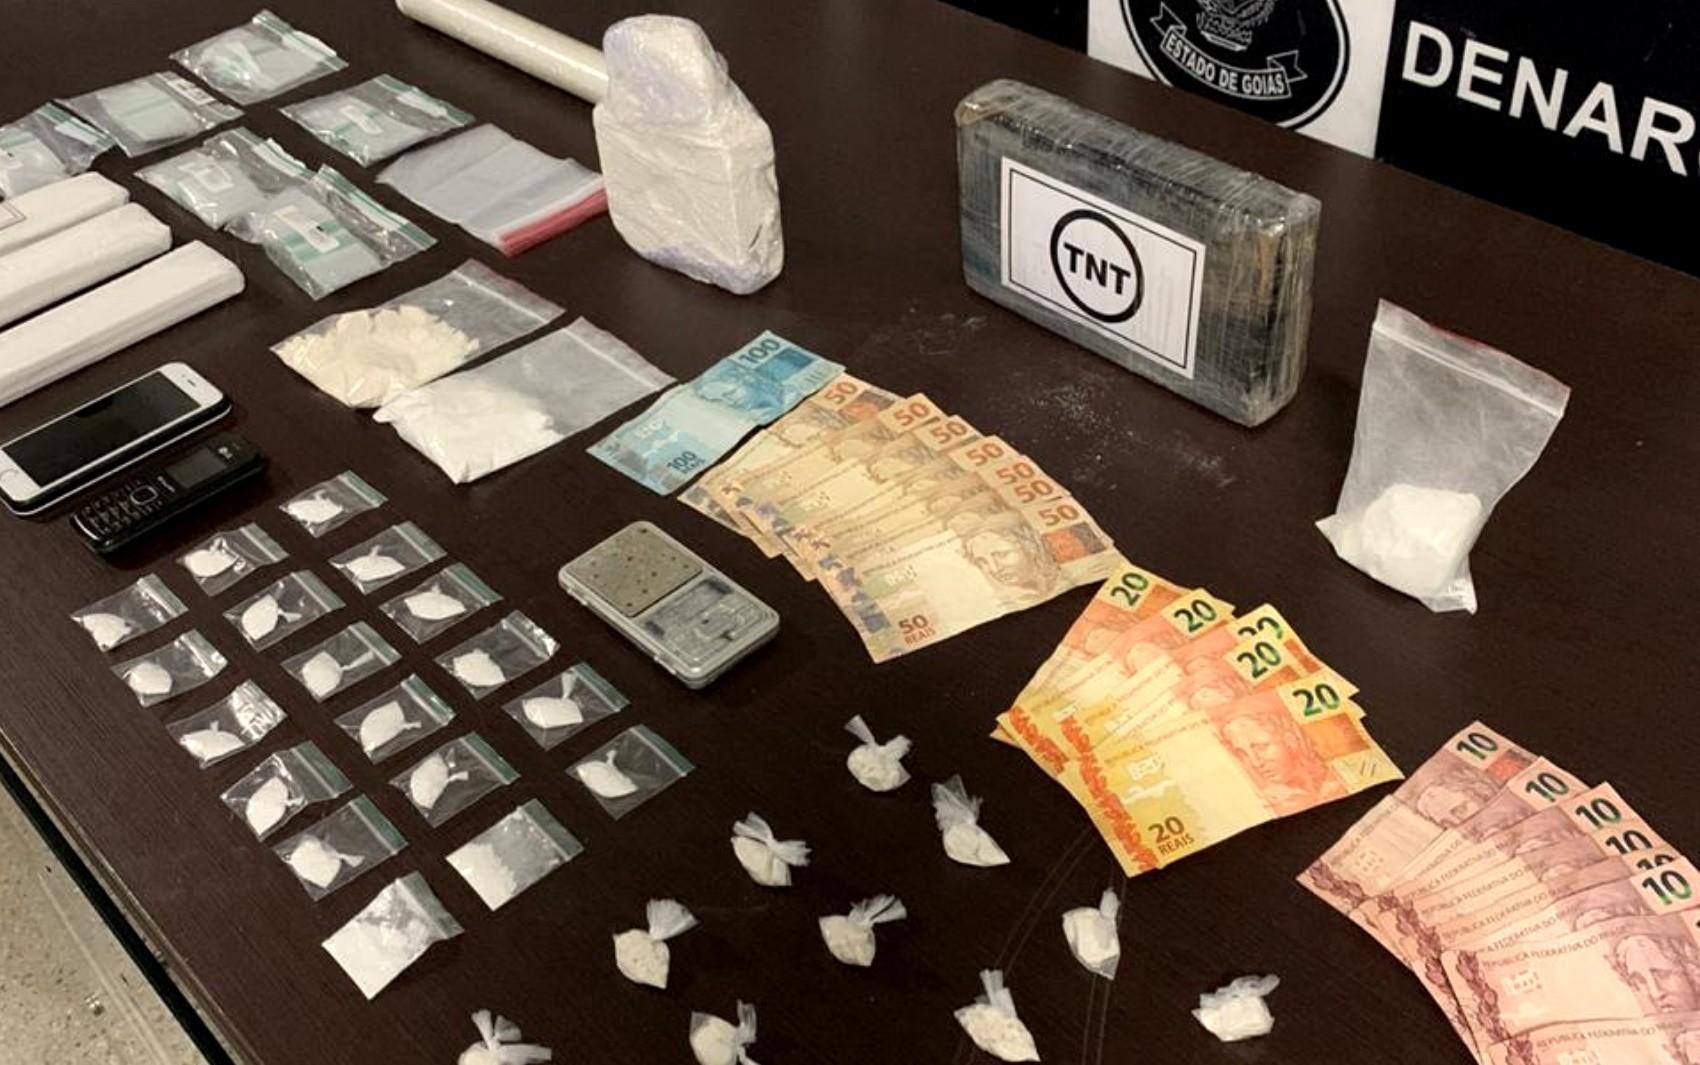 Estudante de medicina é preso suspeito de traficar cocaína, em Goiânia